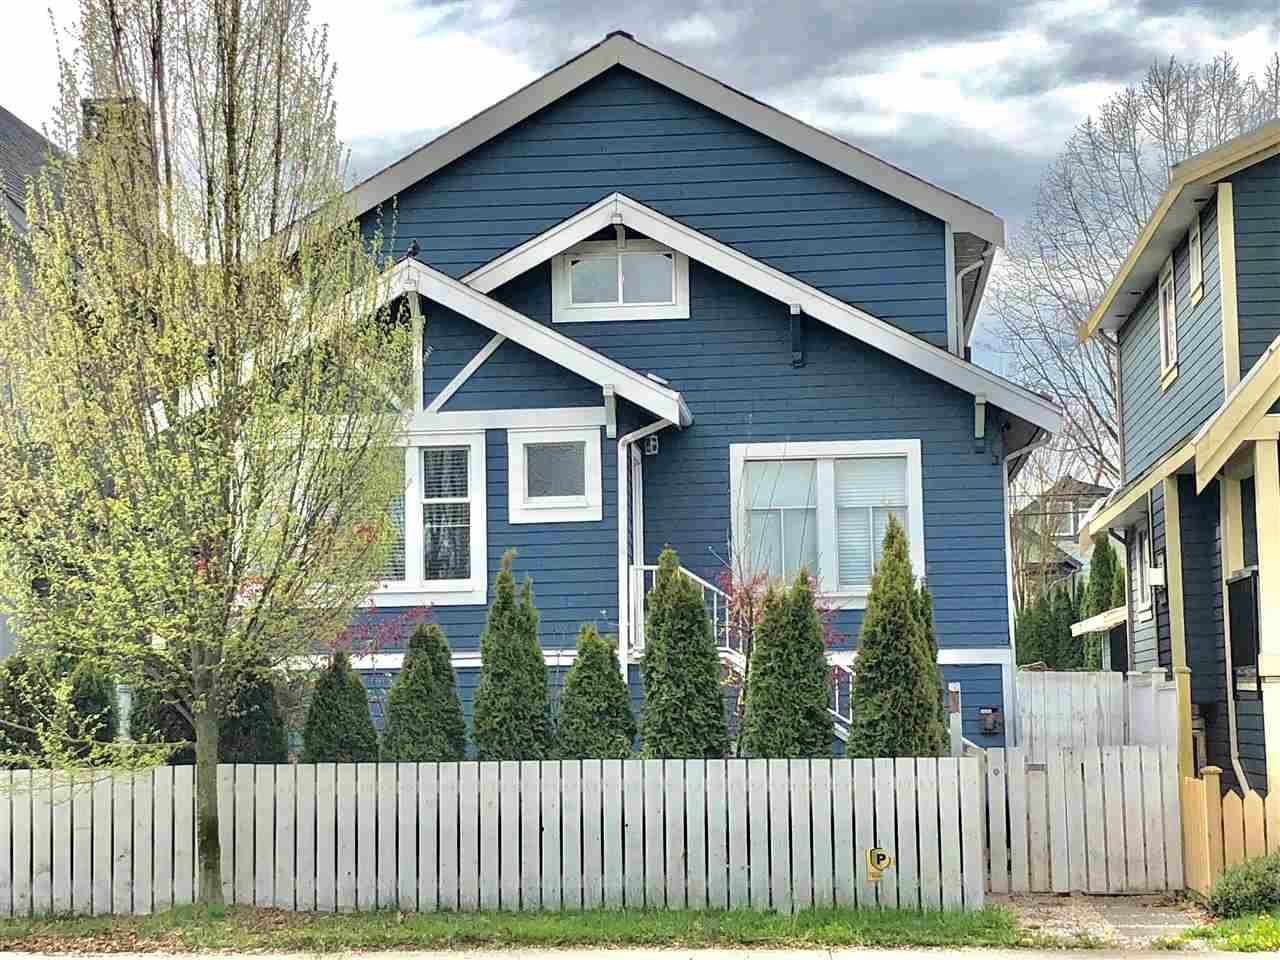 2184 1st Avenue E, Vancouver — For Sale @ $2,988,000 | Zolo.ca